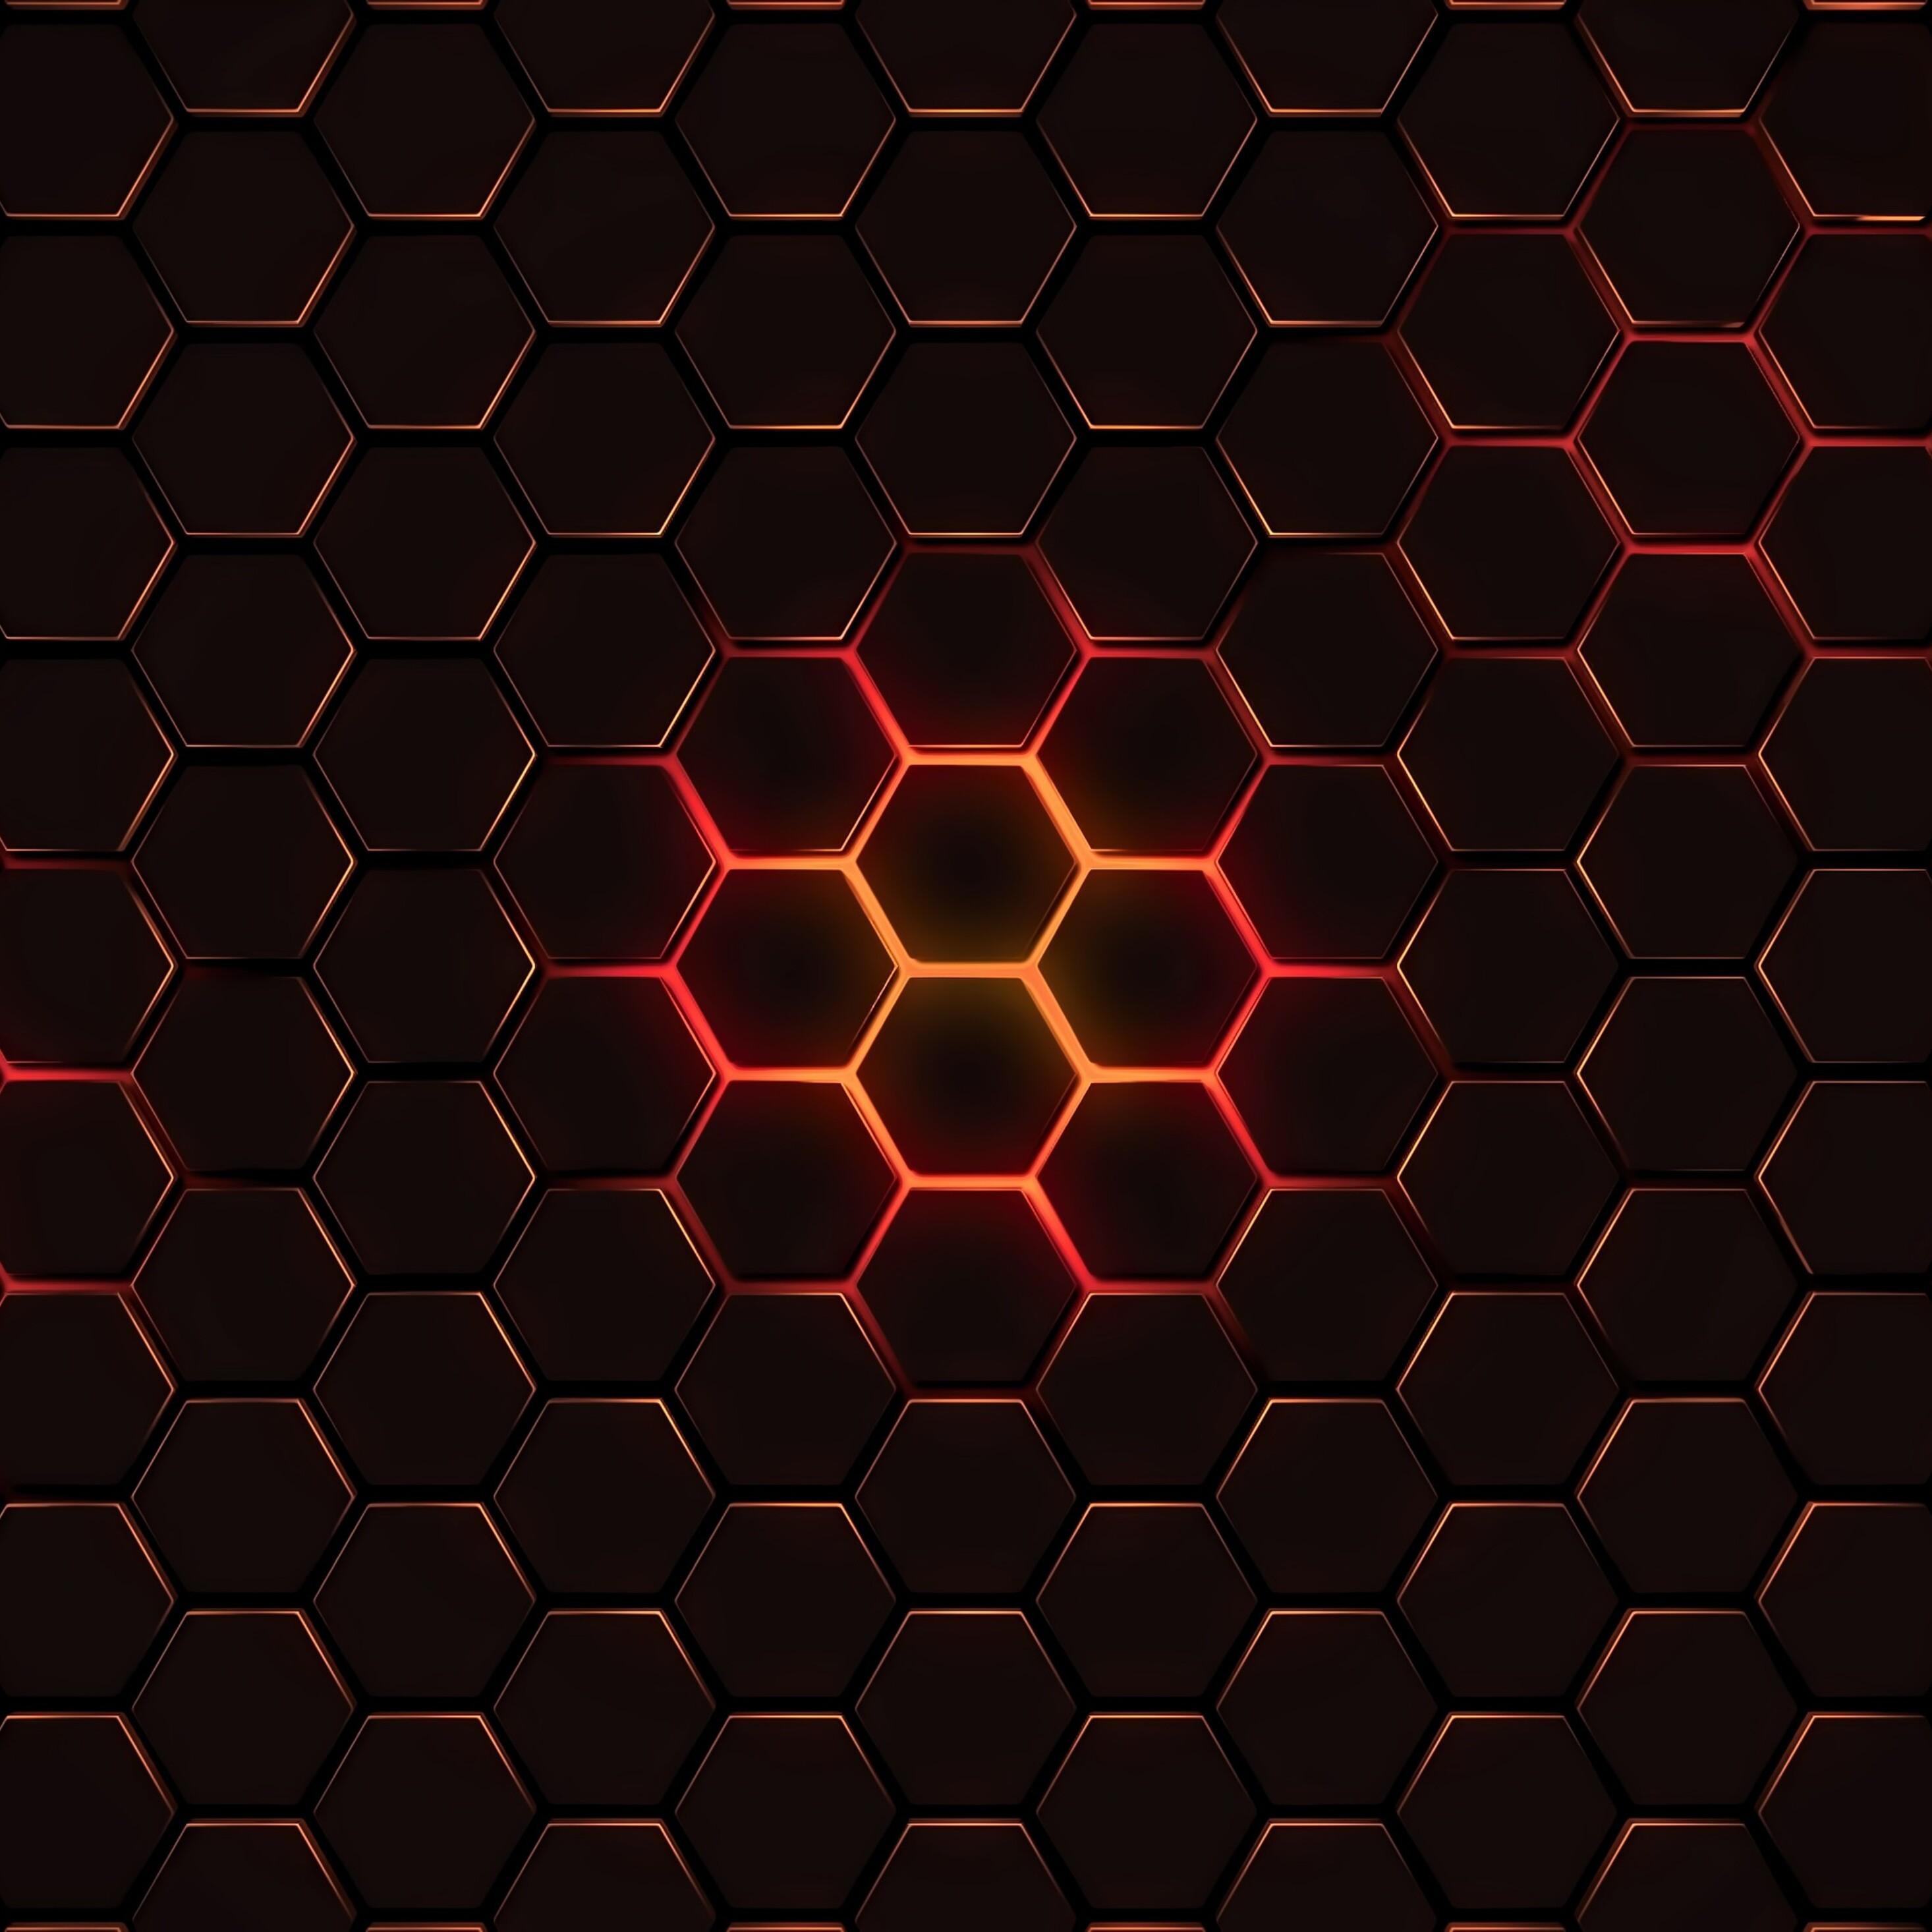 hexagon-geometry-4k-od.jpg